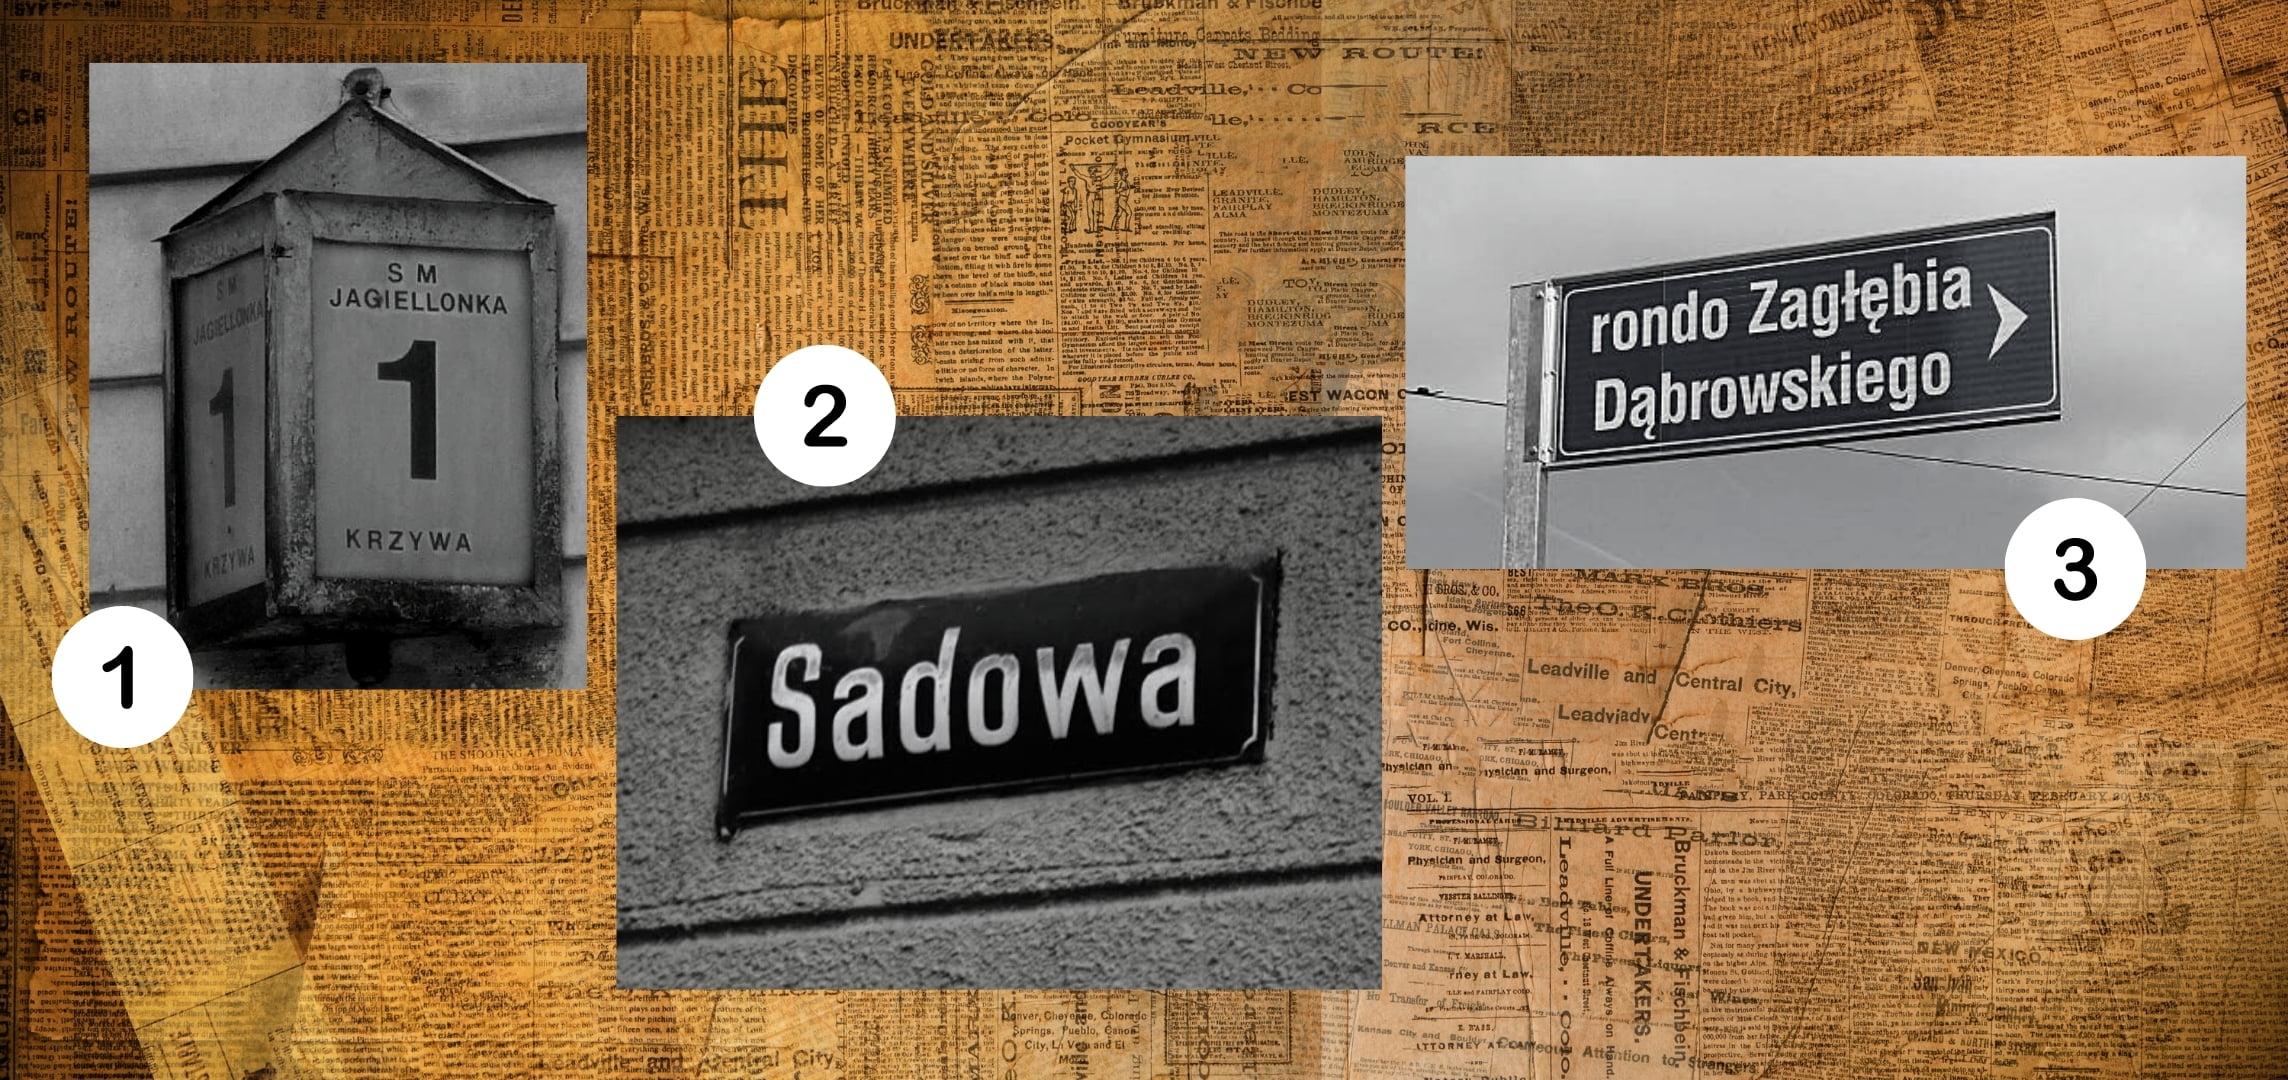 Numer 1 toulica Krzywa. Numer 2 toulica Sadowa. Numer 3 torondo Zagłębia Dąbrowskiego..